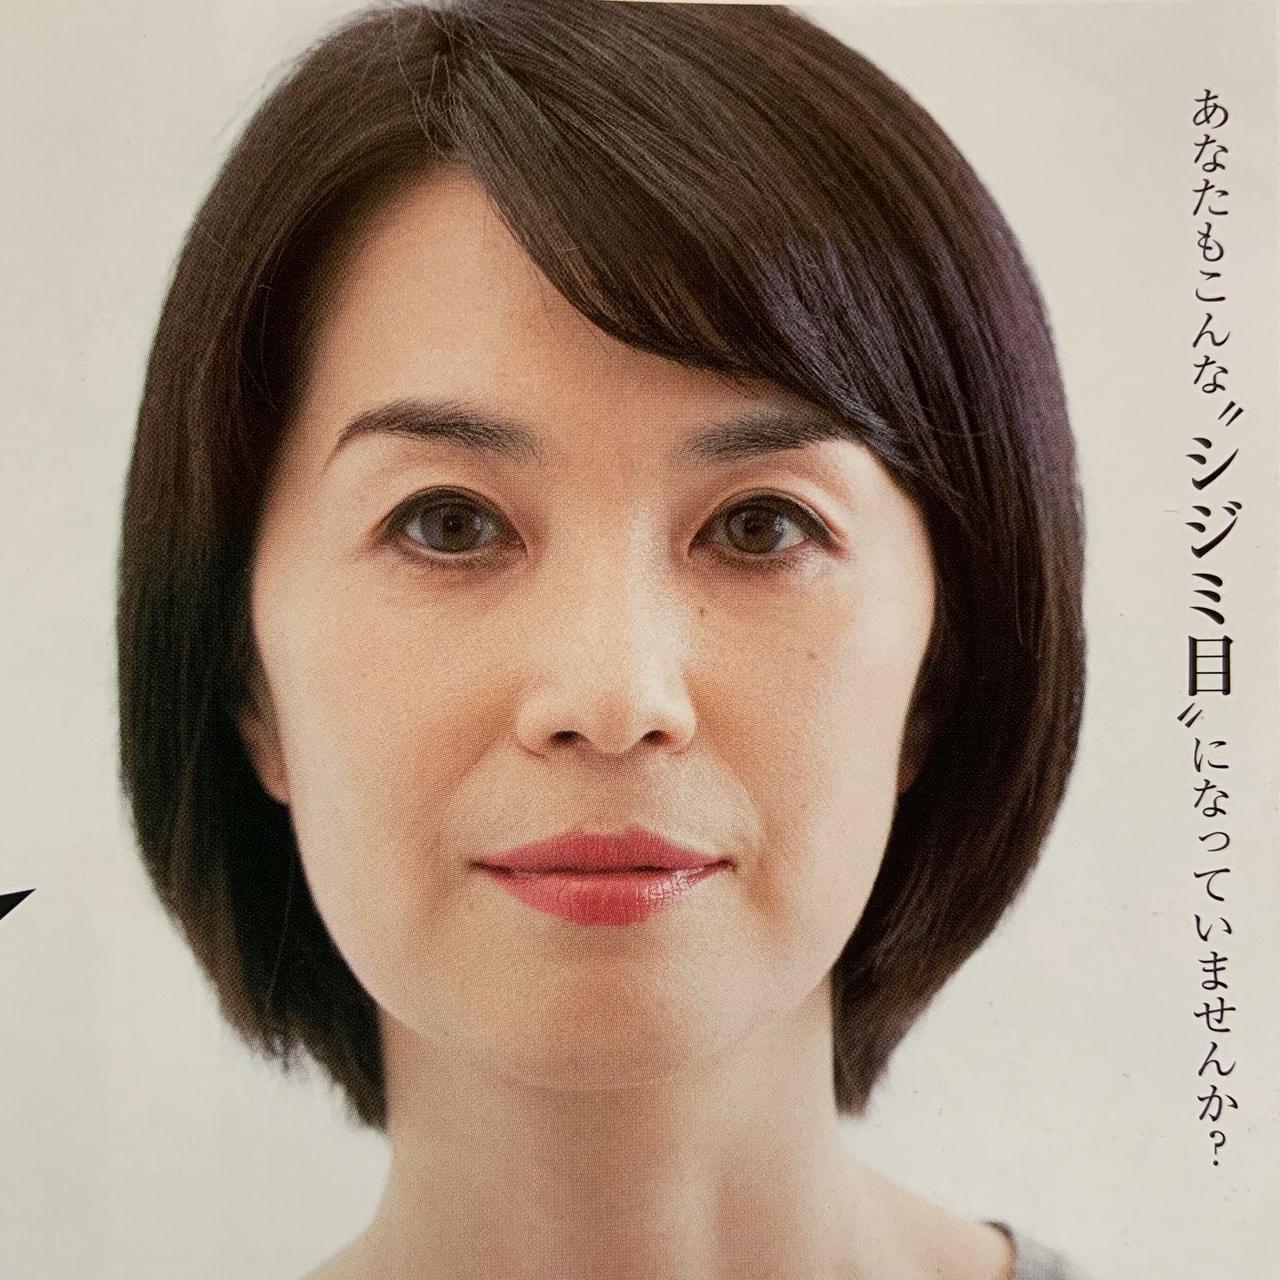 「脱・シジミ目」アイラインは、凄かった!!_1_7-1